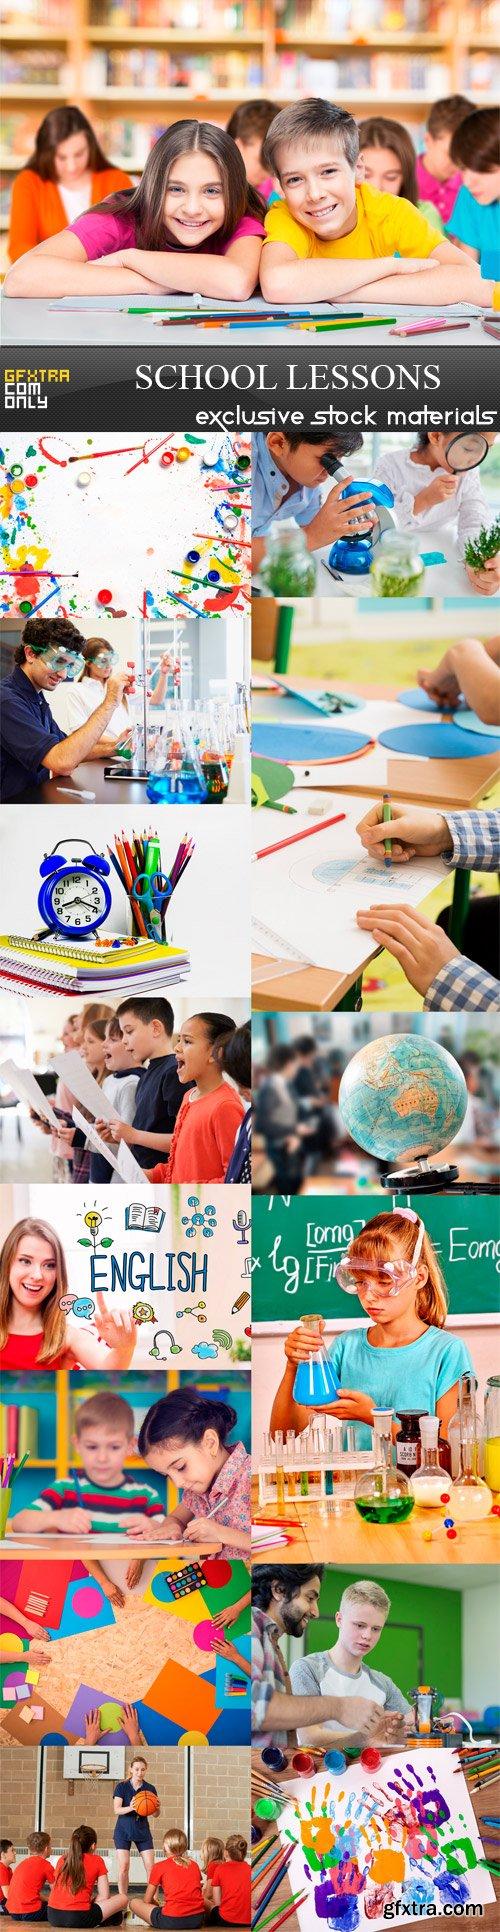 School lessons - 15 UHQ JPEG